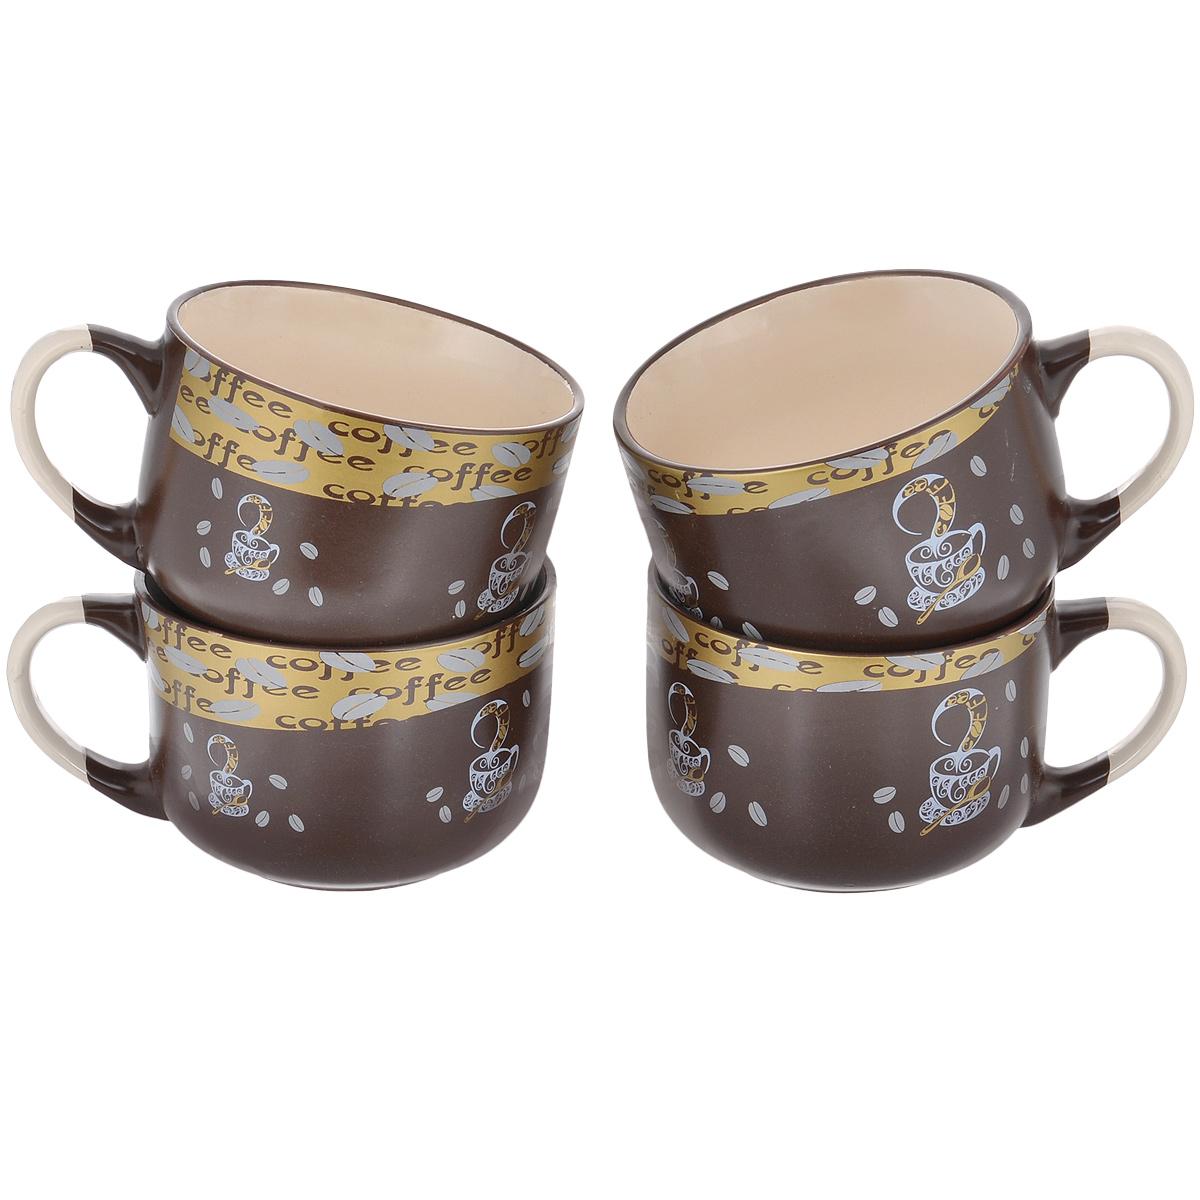 Набор супниц Loraine, 650 мл, 4 шт. 2355323553Набор Loraine состоит из четырех супниц, выполненных из высококачественной глазурованной керамики. Внешняя поверхность коричневого цвета украшена изображением чашек кофе и кофейных зерен, внутренняя поверхность - бежевого цвета. Супницы оснащены ручками. Ровная, идеально гладкая поверхность легко моется и обеспечивает длительный срок службы. Красивый и функциональный набор супниц Loraine оригинально дополнит обеденную сервировку стола и станет незаменимым на любой кухне. Подходит для подачи супов, каш, хлопьев и много другого.